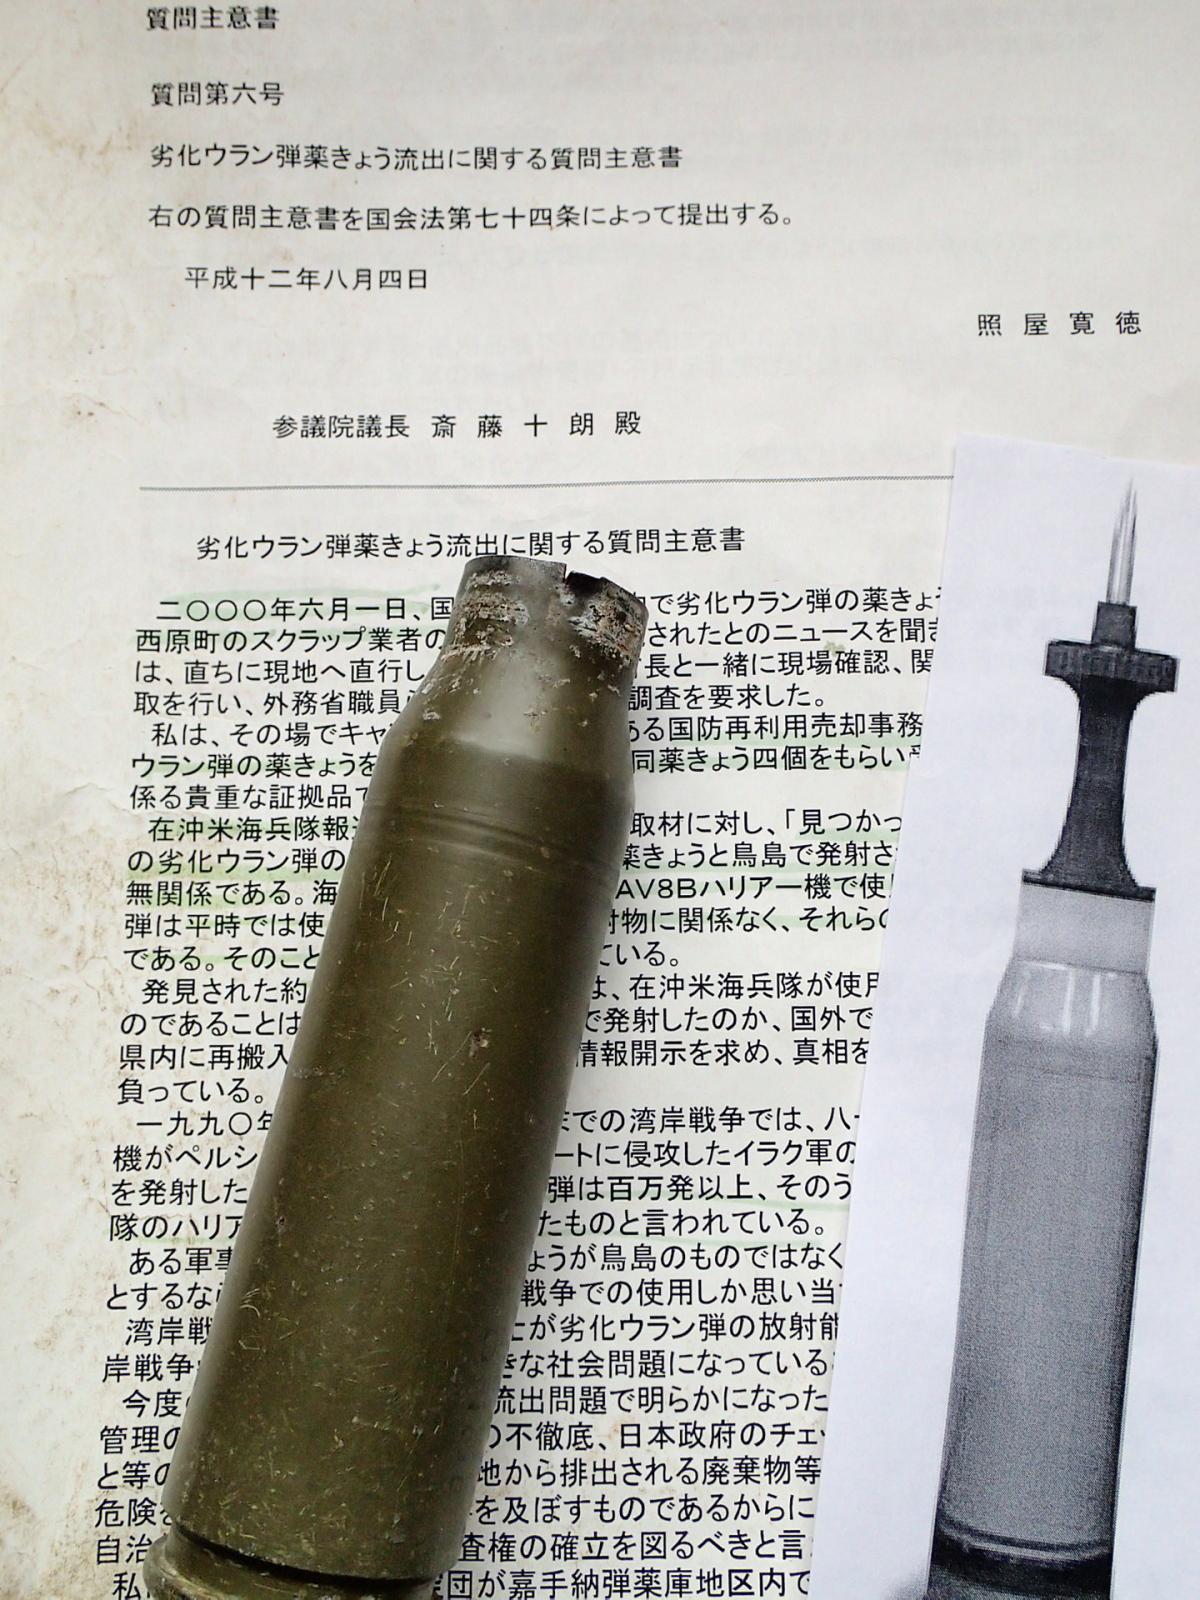 劣化ウラン弾(1)